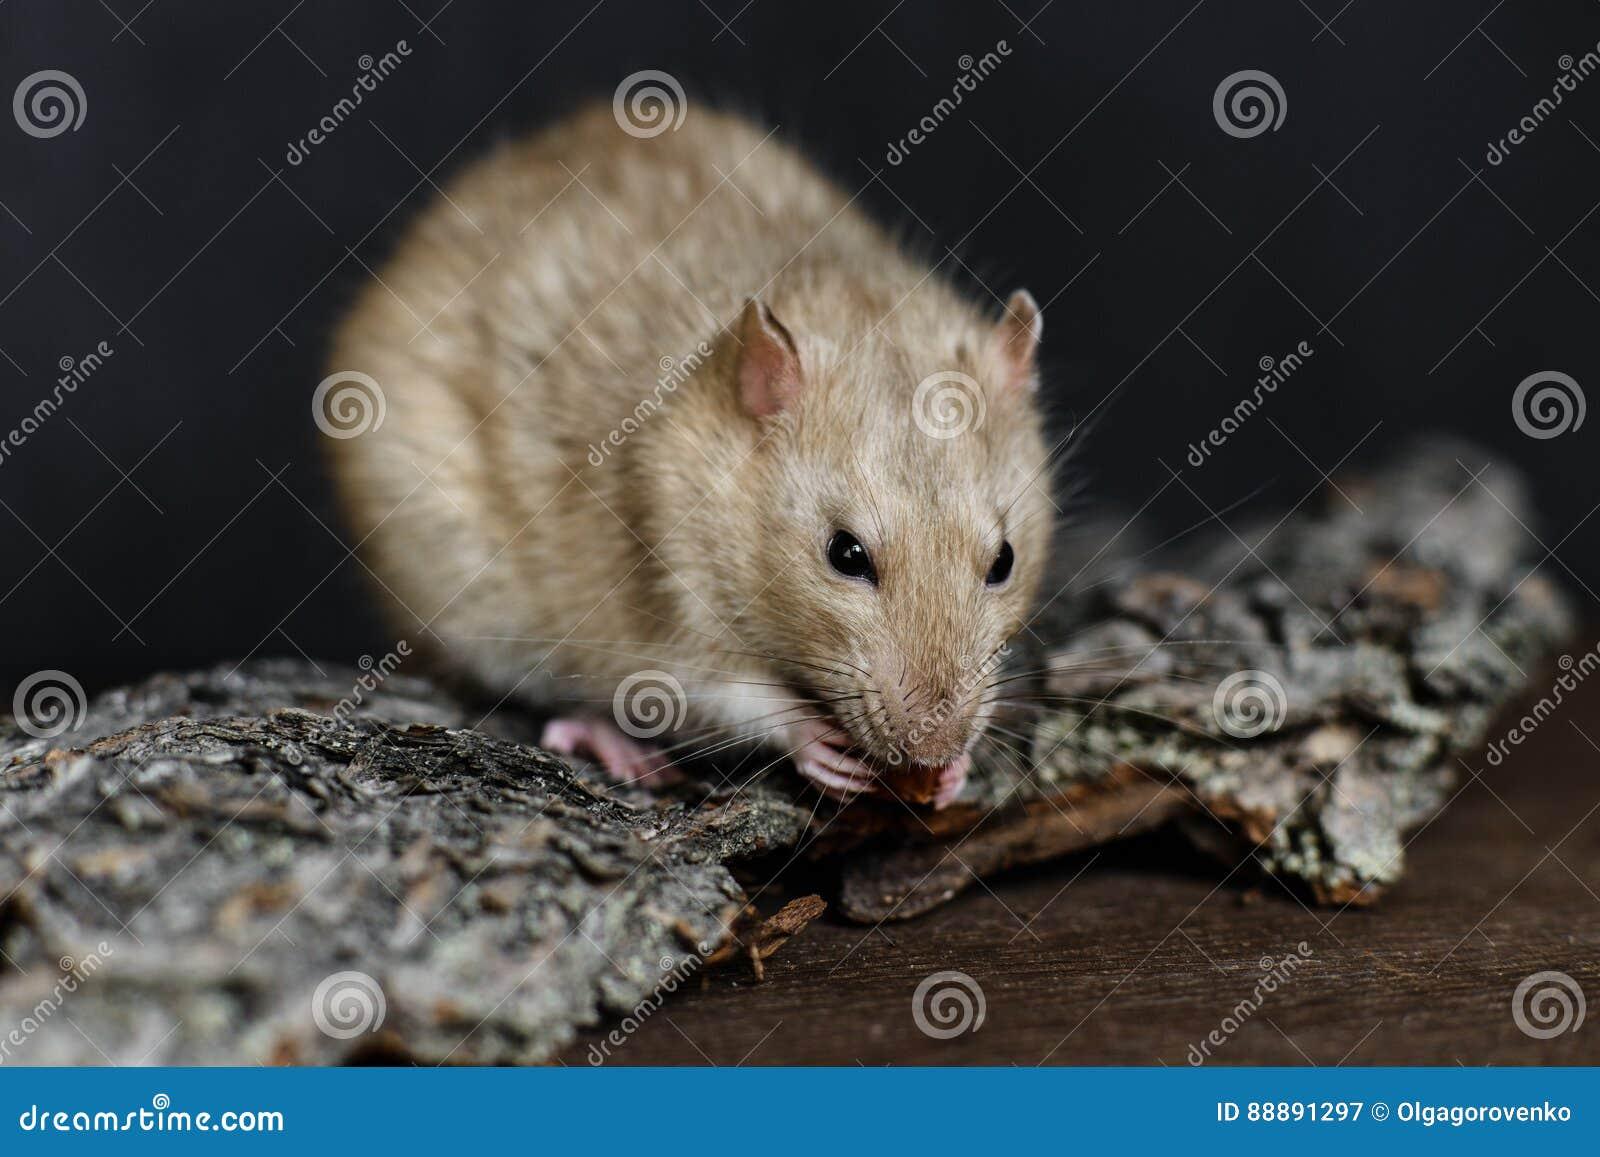 吃在黑暗的背景的灰色花梢鼠坚果